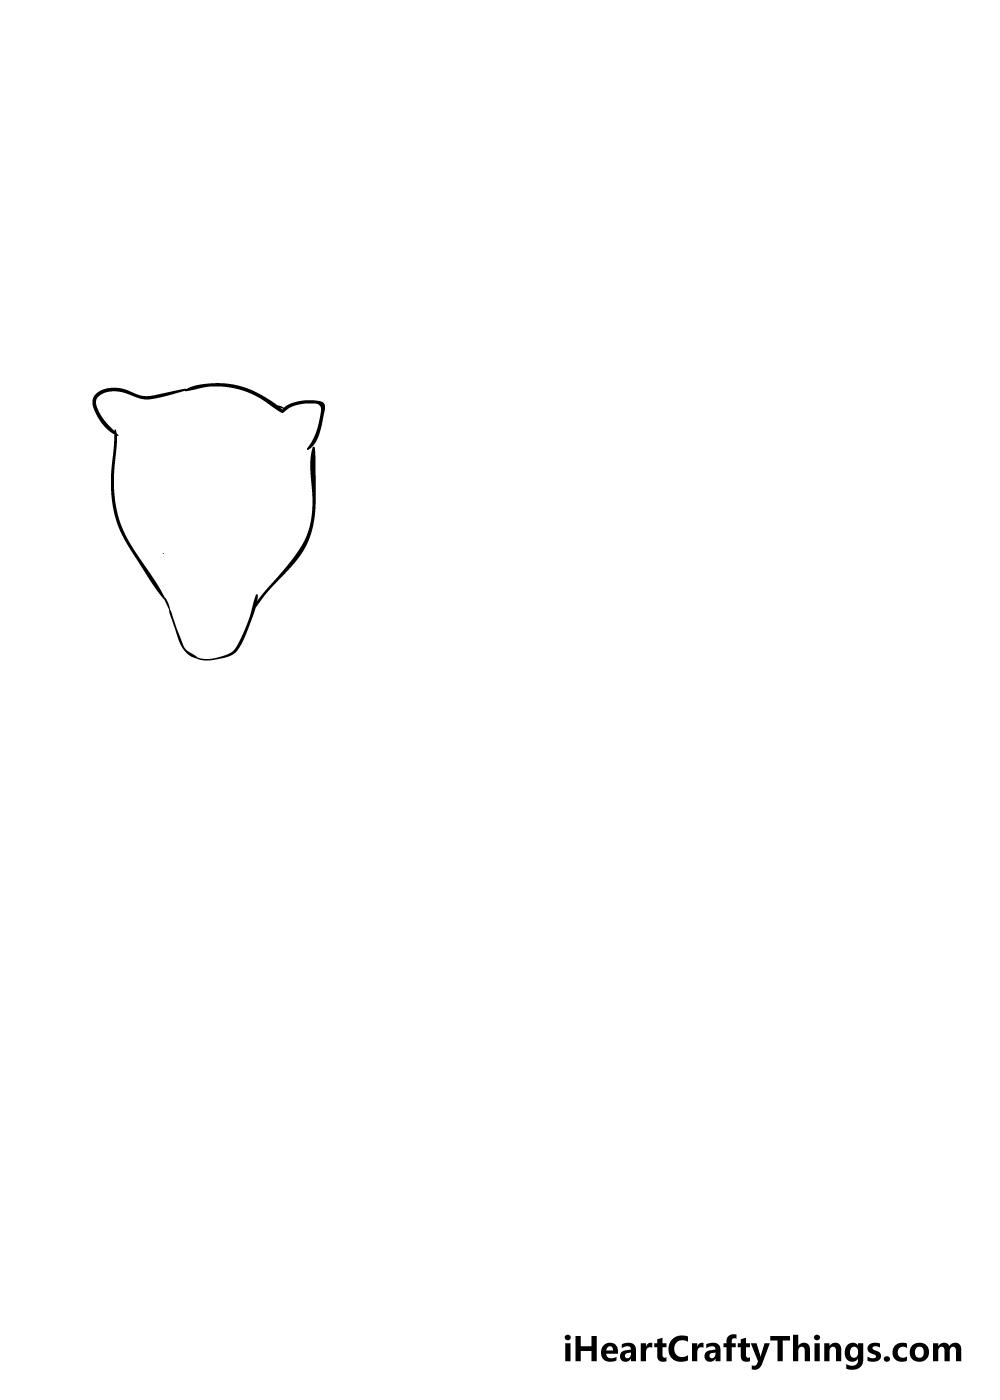 jaguar drawing step 1